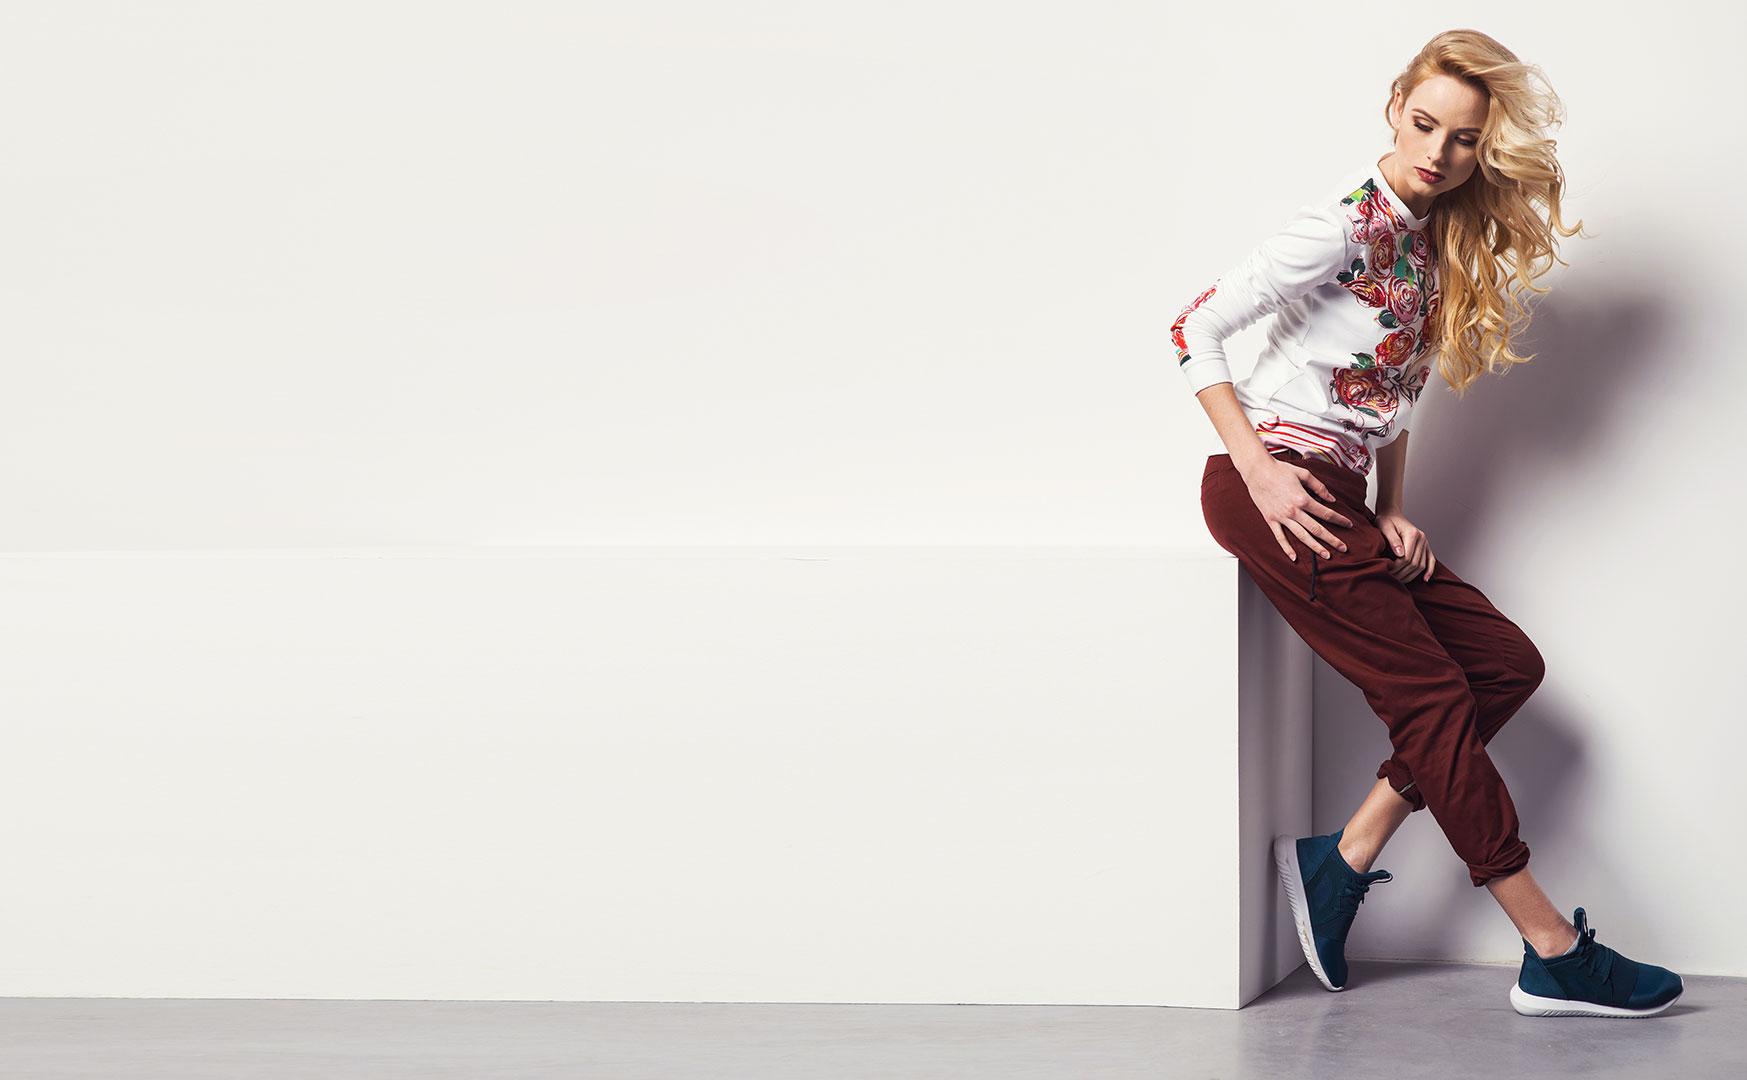 d50ad45f4 Így viseld a szoknyát idén ősszel, ha igazán divatos akarsz lenni